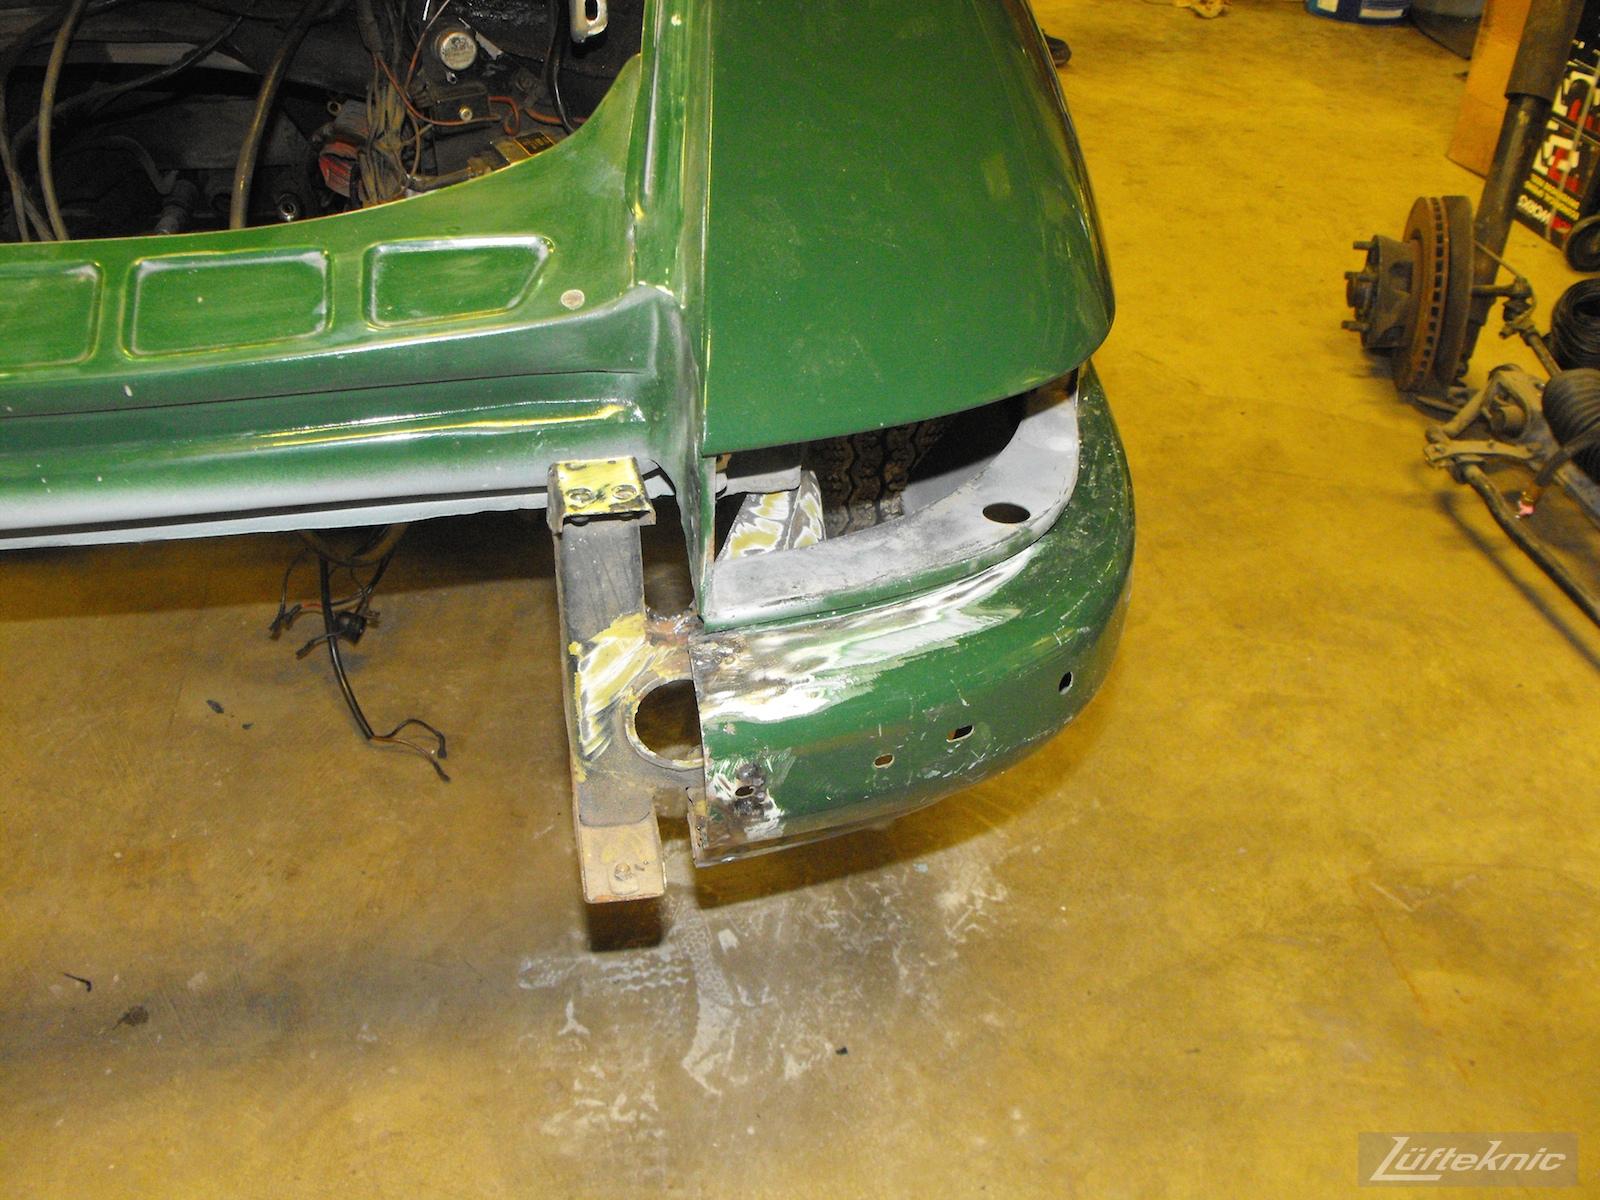 Rear bumper repair on an Irish Green Porsche 912 undergoing restoration at Lufteknic.